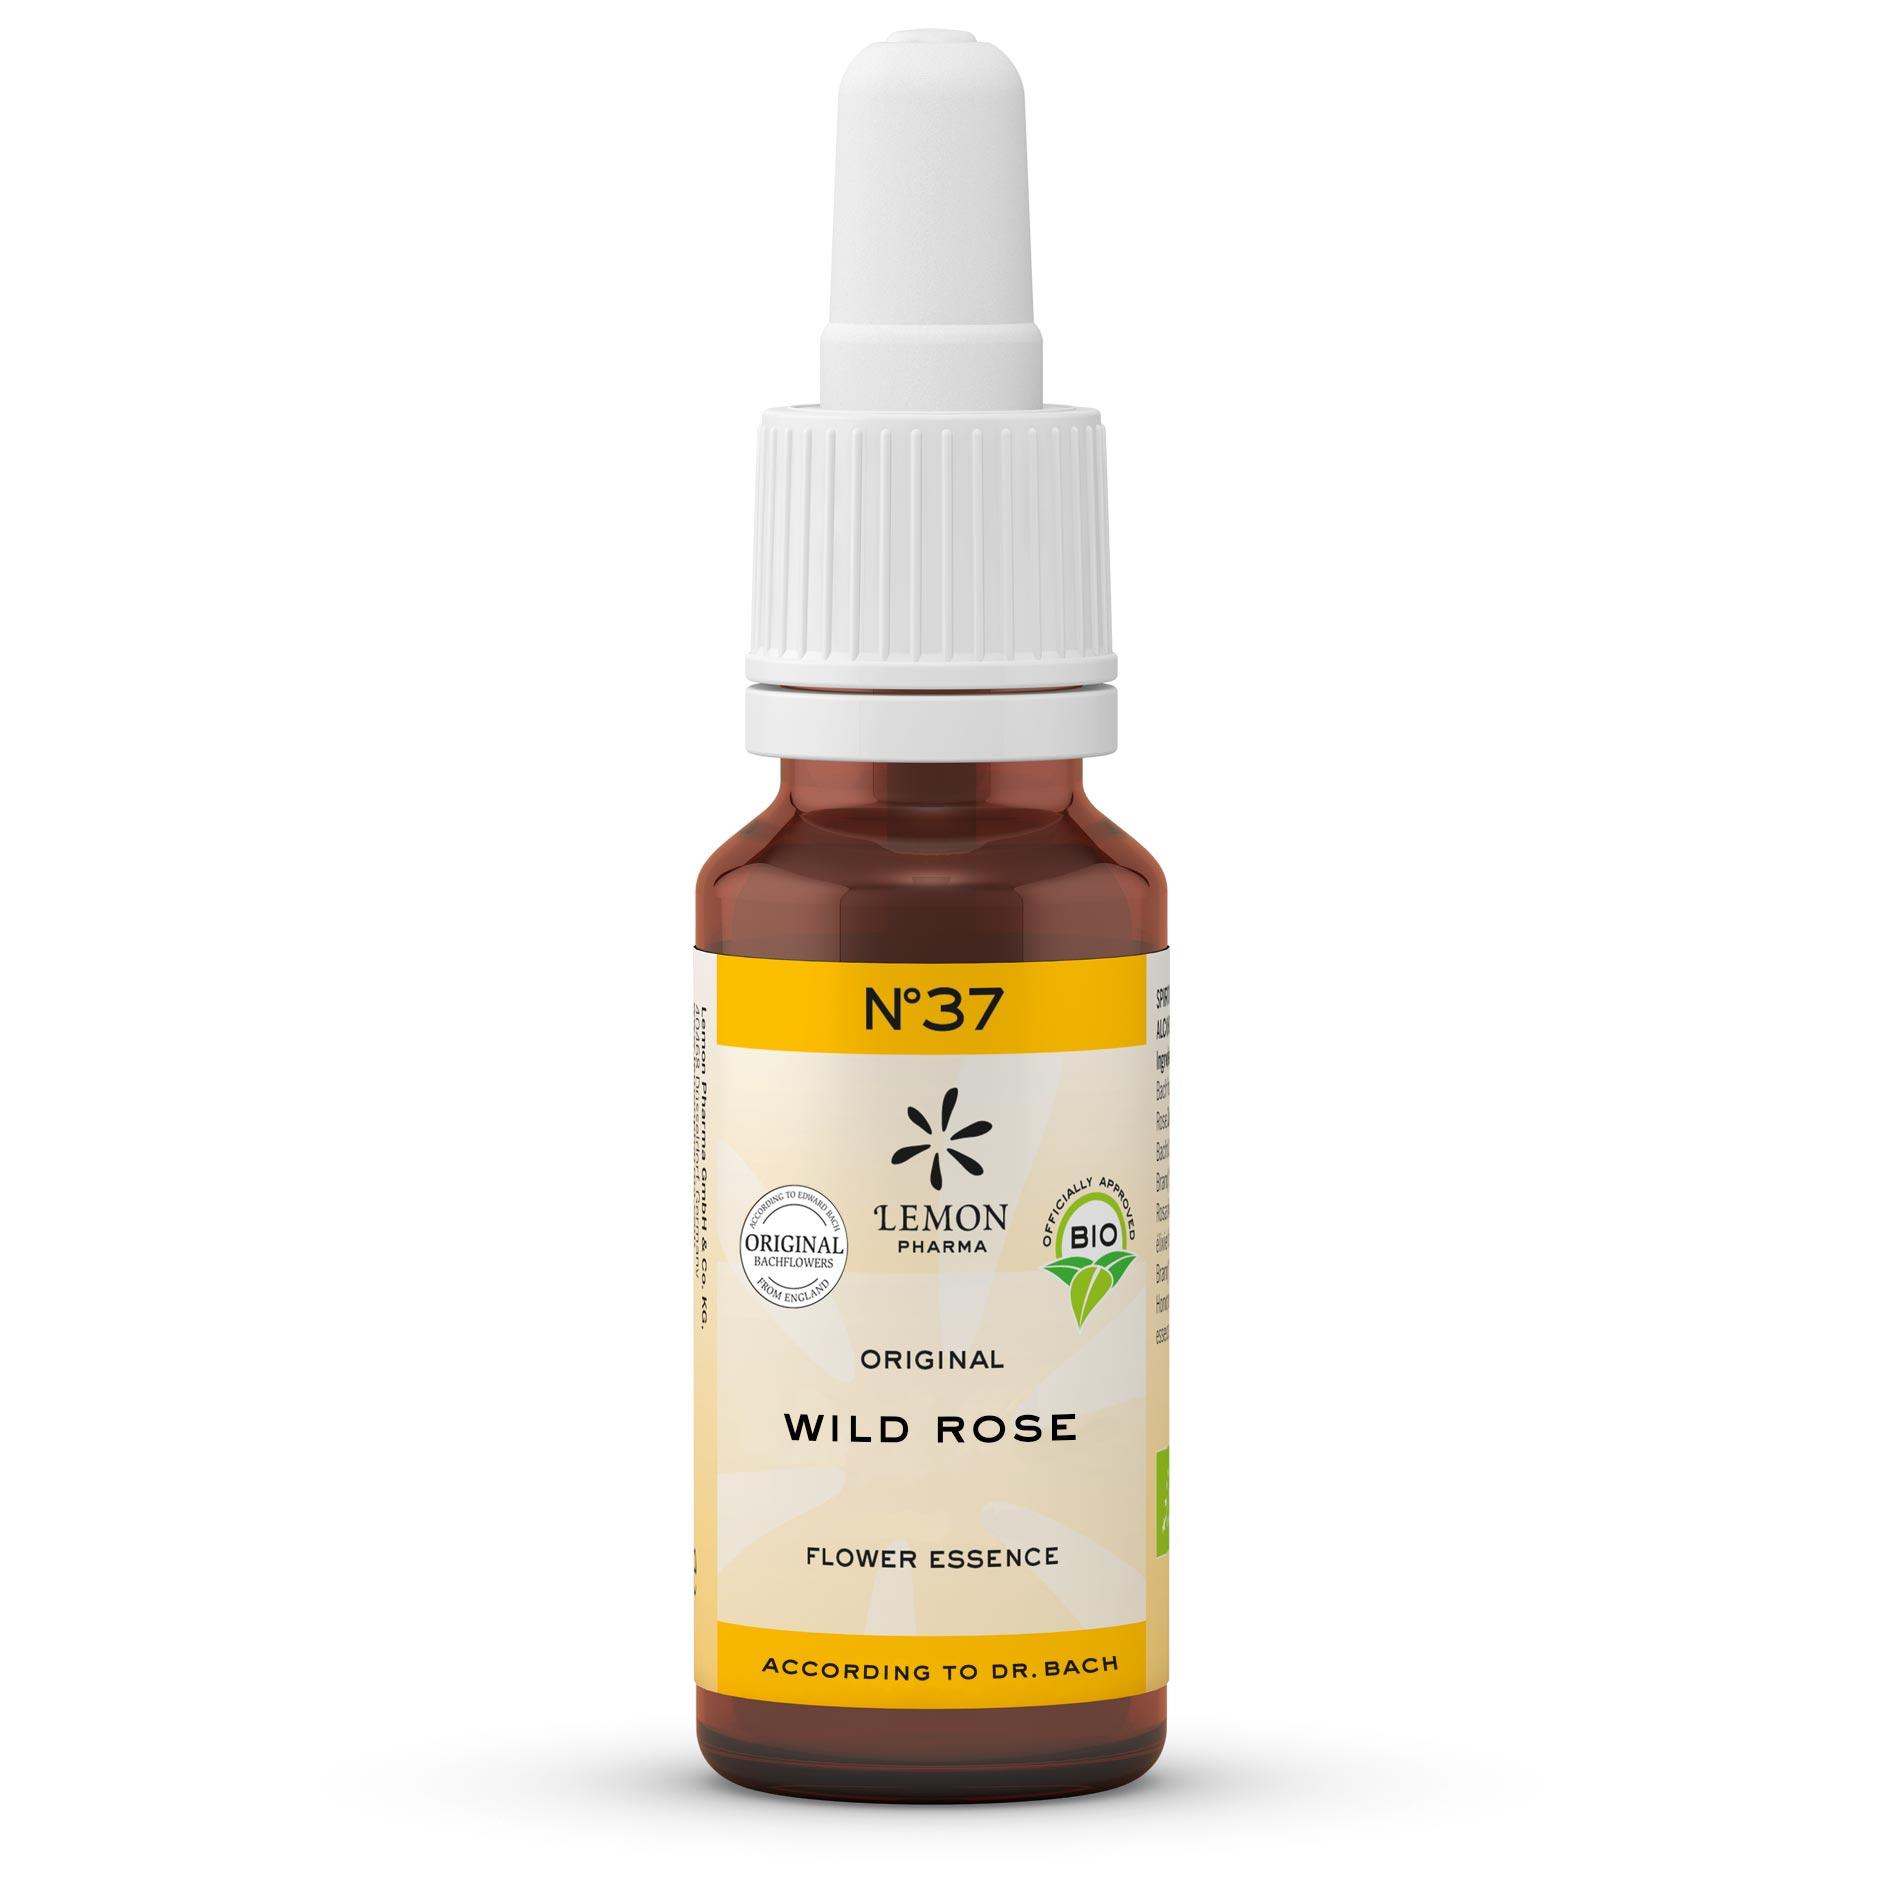 Fiori di Bach originali Lemon Pharma gocce Nr 37 Wild Rose rosa canina gioia di vivere